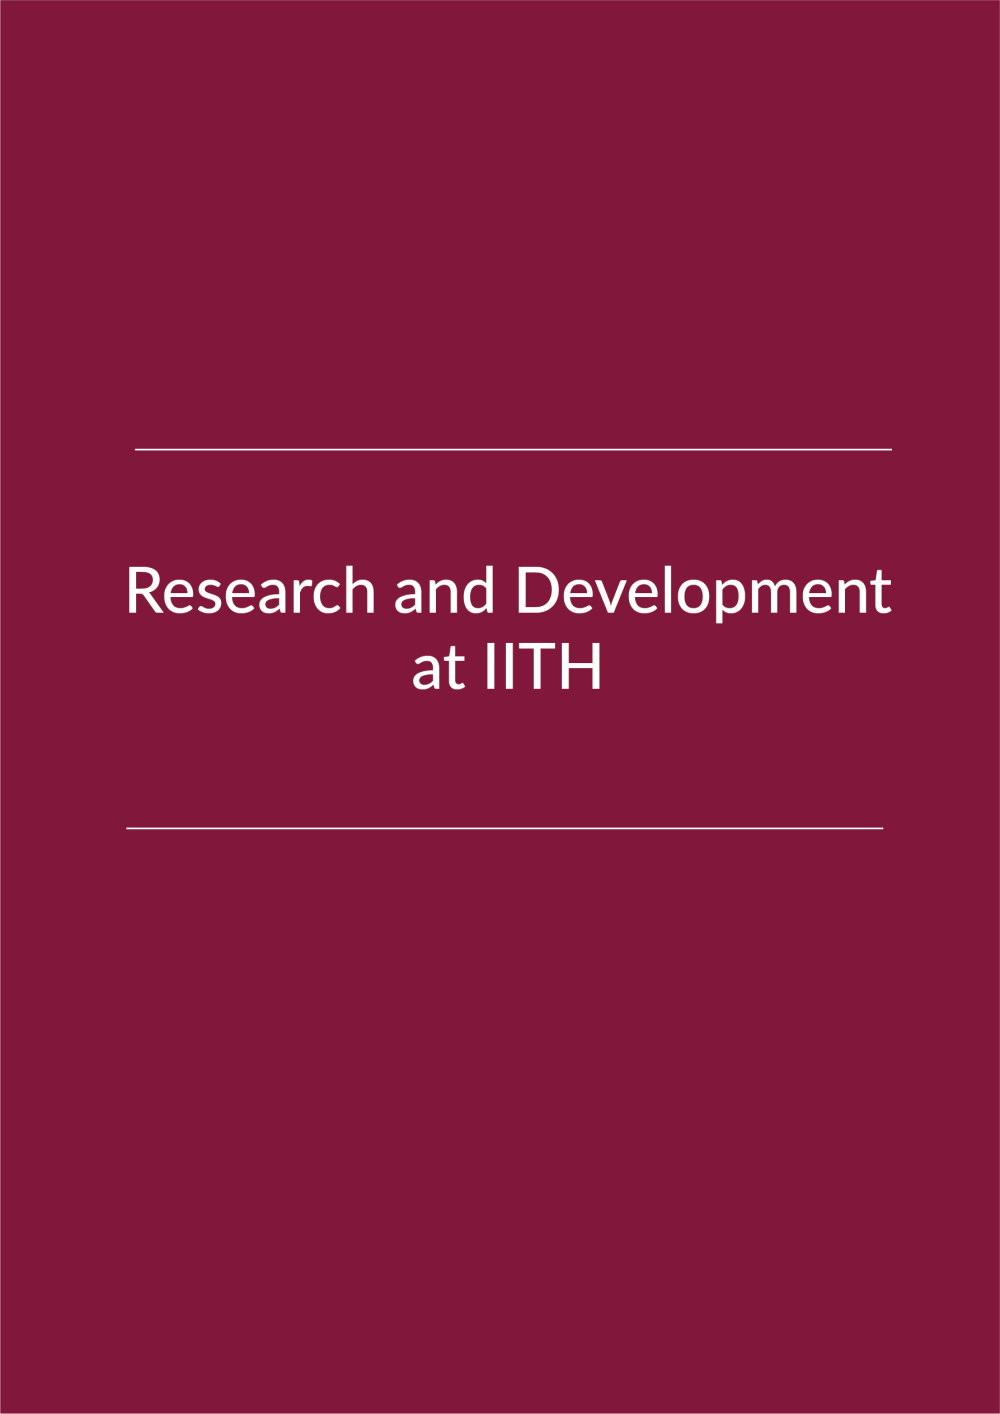 R&D at IITH@3x